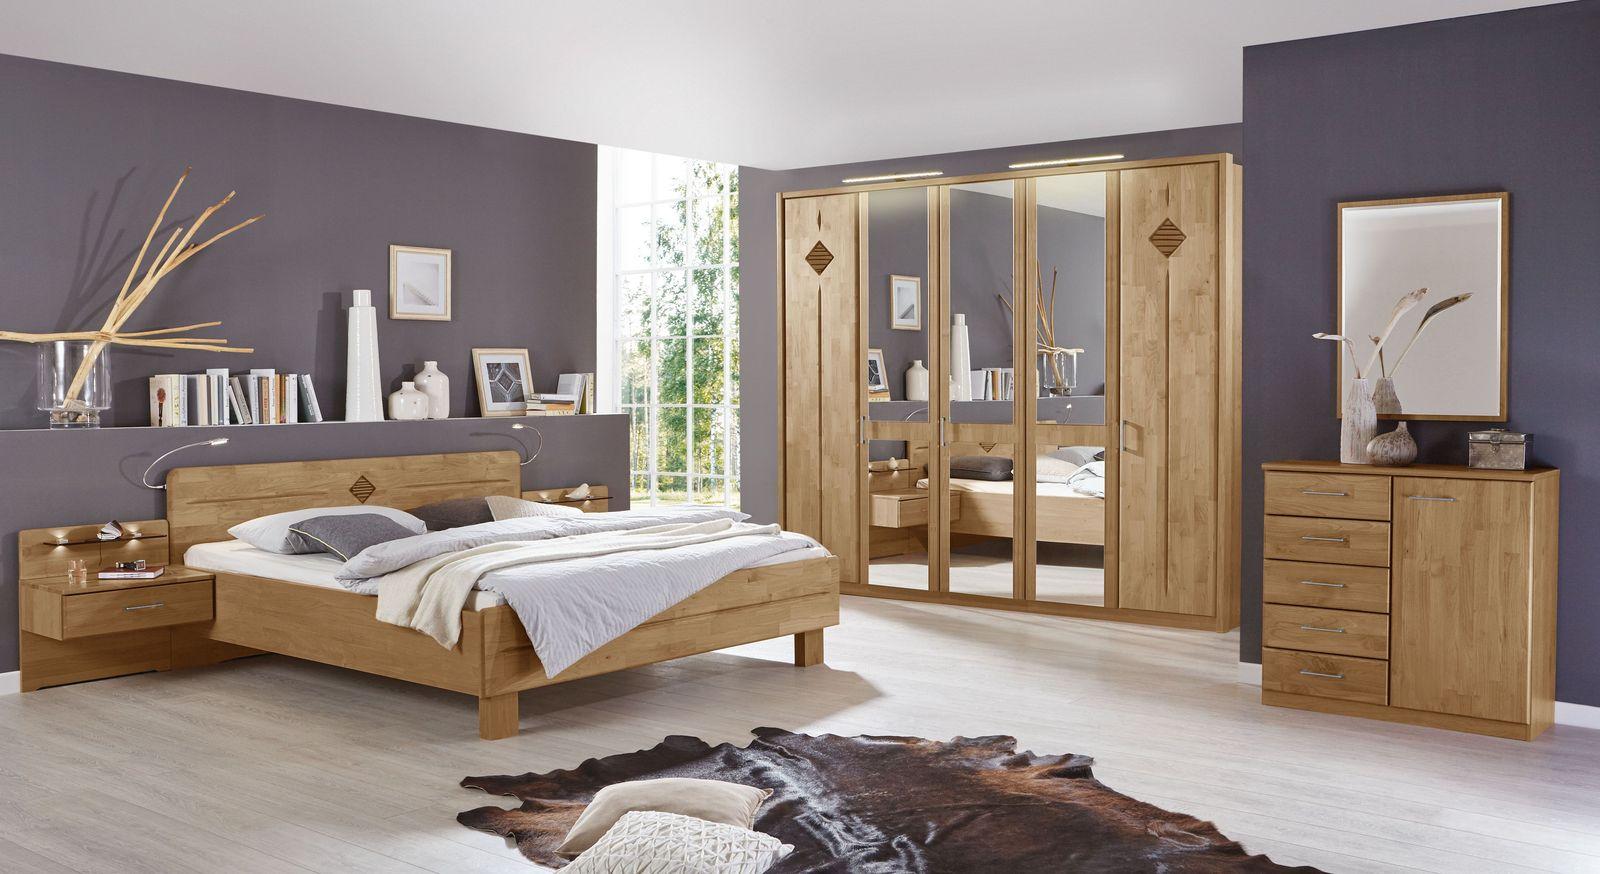 Full Size of Schlafzimmer Aus Massivholz Gnstig Kaufen Bettende Set Mit Matratze Und Lattenrost Komplettangebote Teppich Günstiges Bett Komplettes Regal Komplett Luxus Schlafzimmer Günstige Schlafzimmer